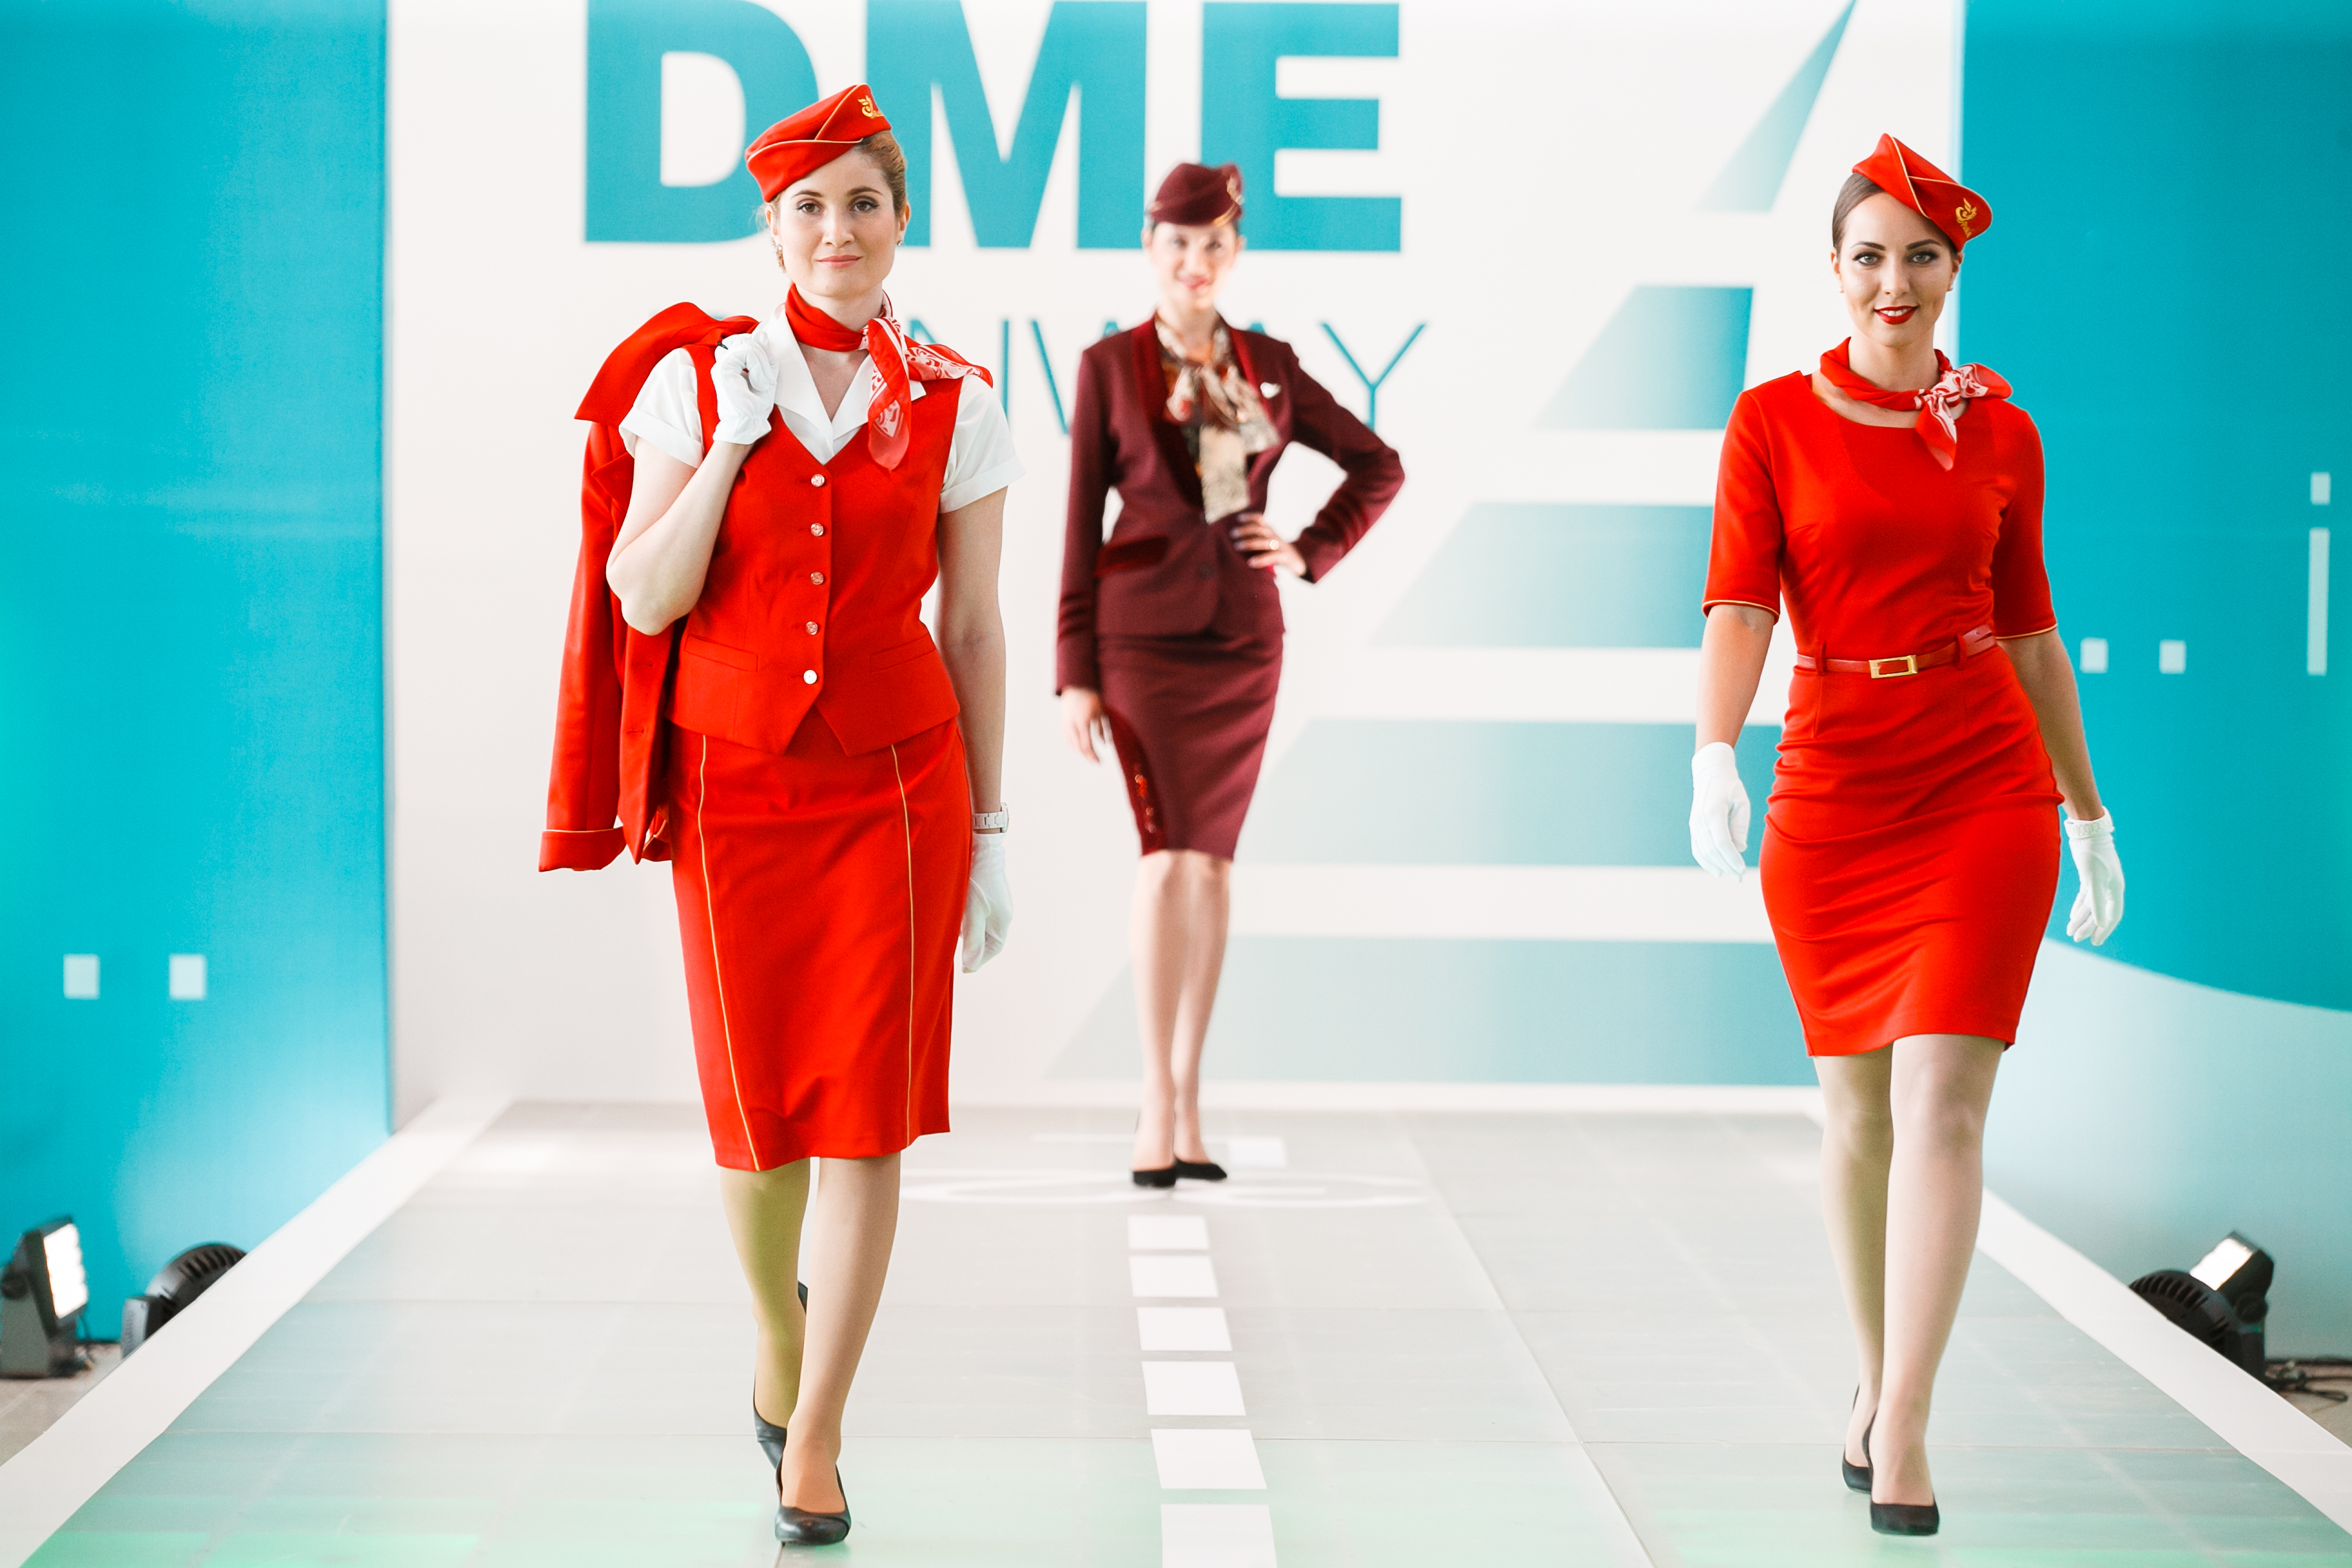 Fly One отзывы об авиакомпании от пассажиров